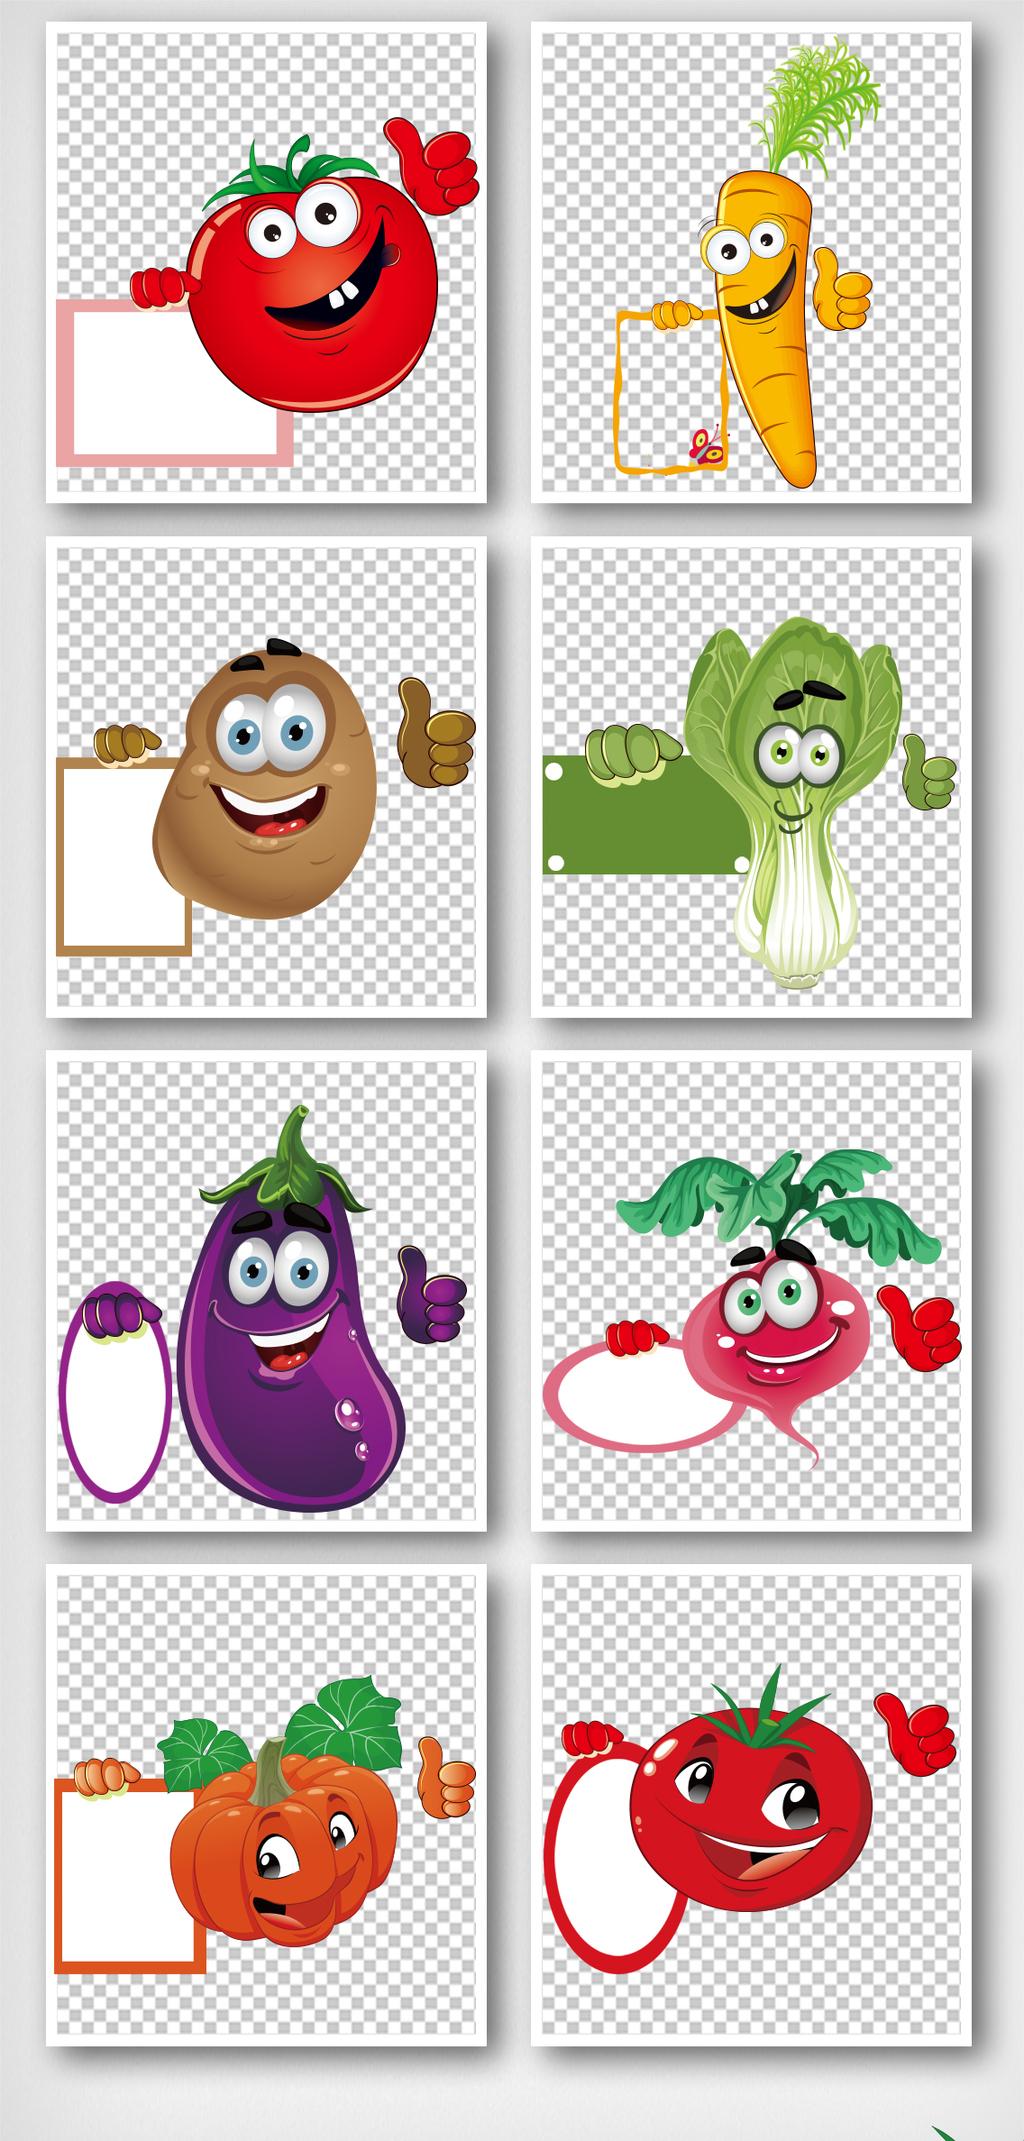 手抄报|小报 小报/板报素材 边框 > 卡通蔬菜手抄报边框   图片编号